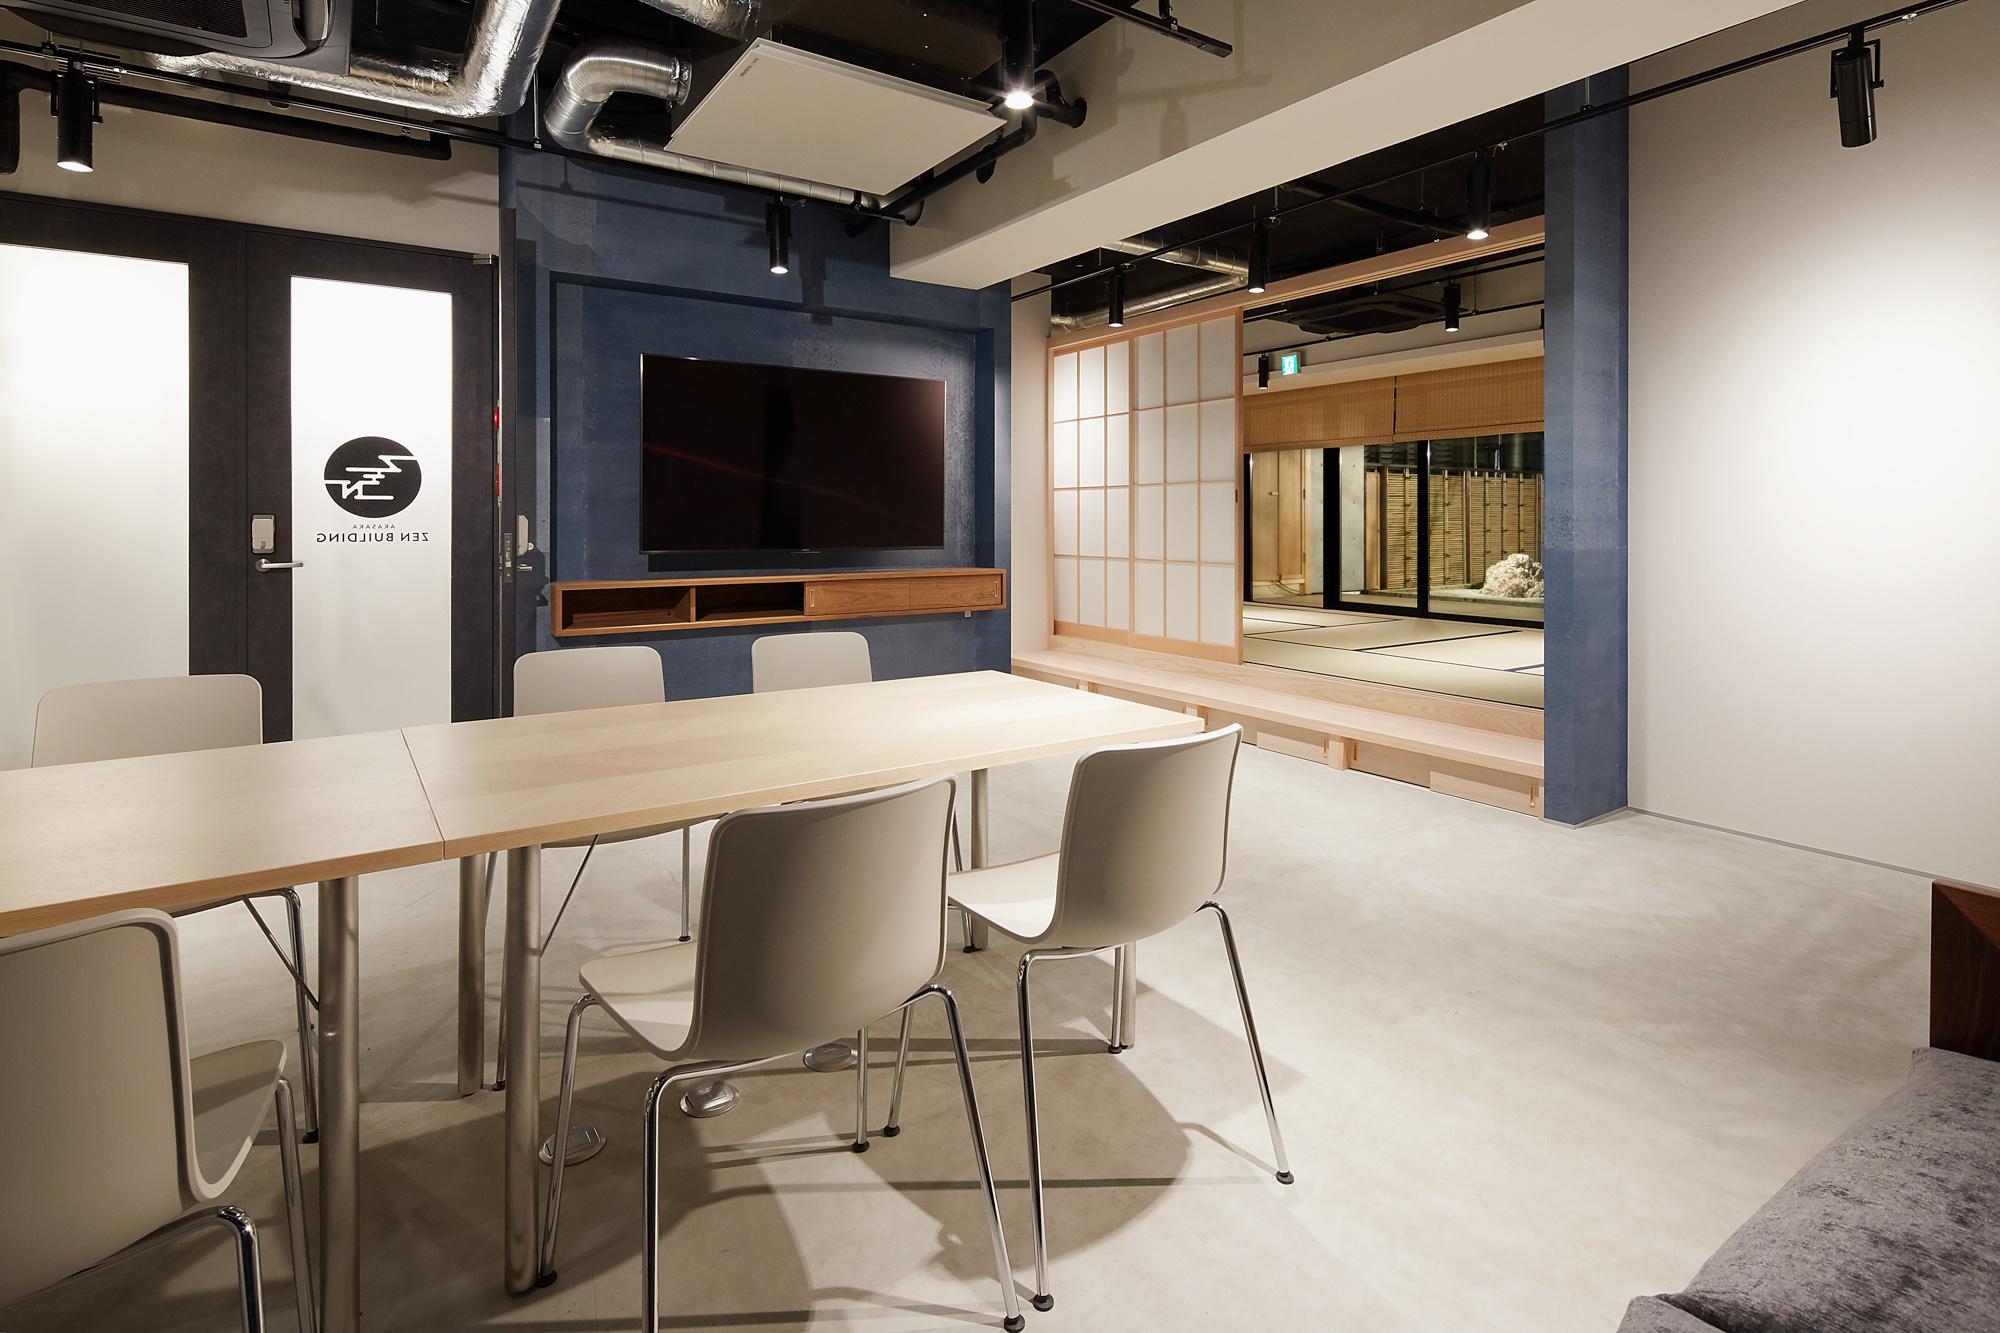 ベンチャー企業・クリエイター向け◎オフサイトミーティングに適したスペース5選 TIME SHARING タイムシェアリング  スペースマネジメント あどばる adval SHARING